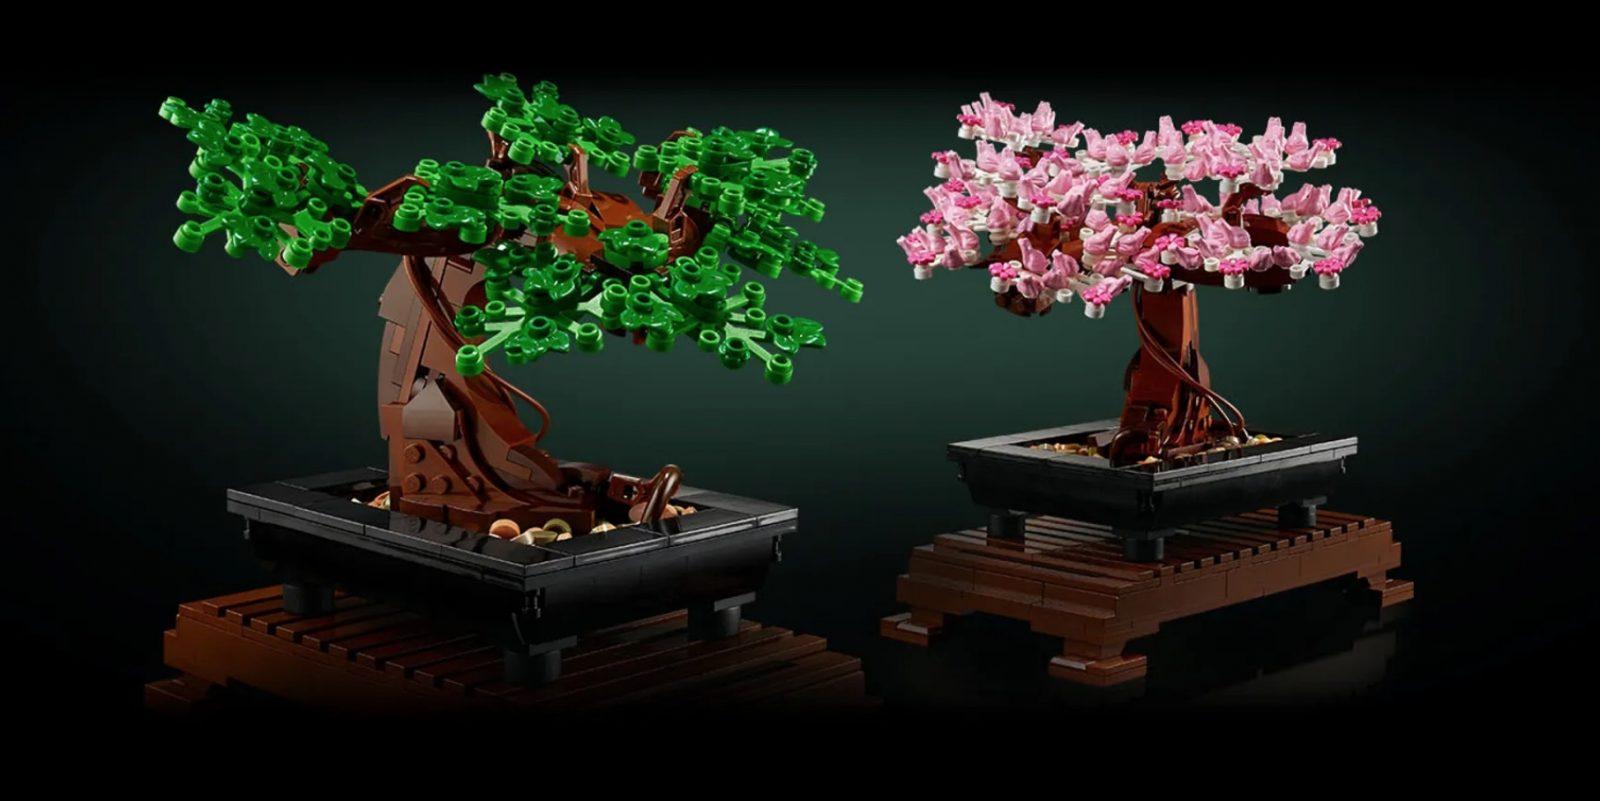 Lego Bonsi Trees